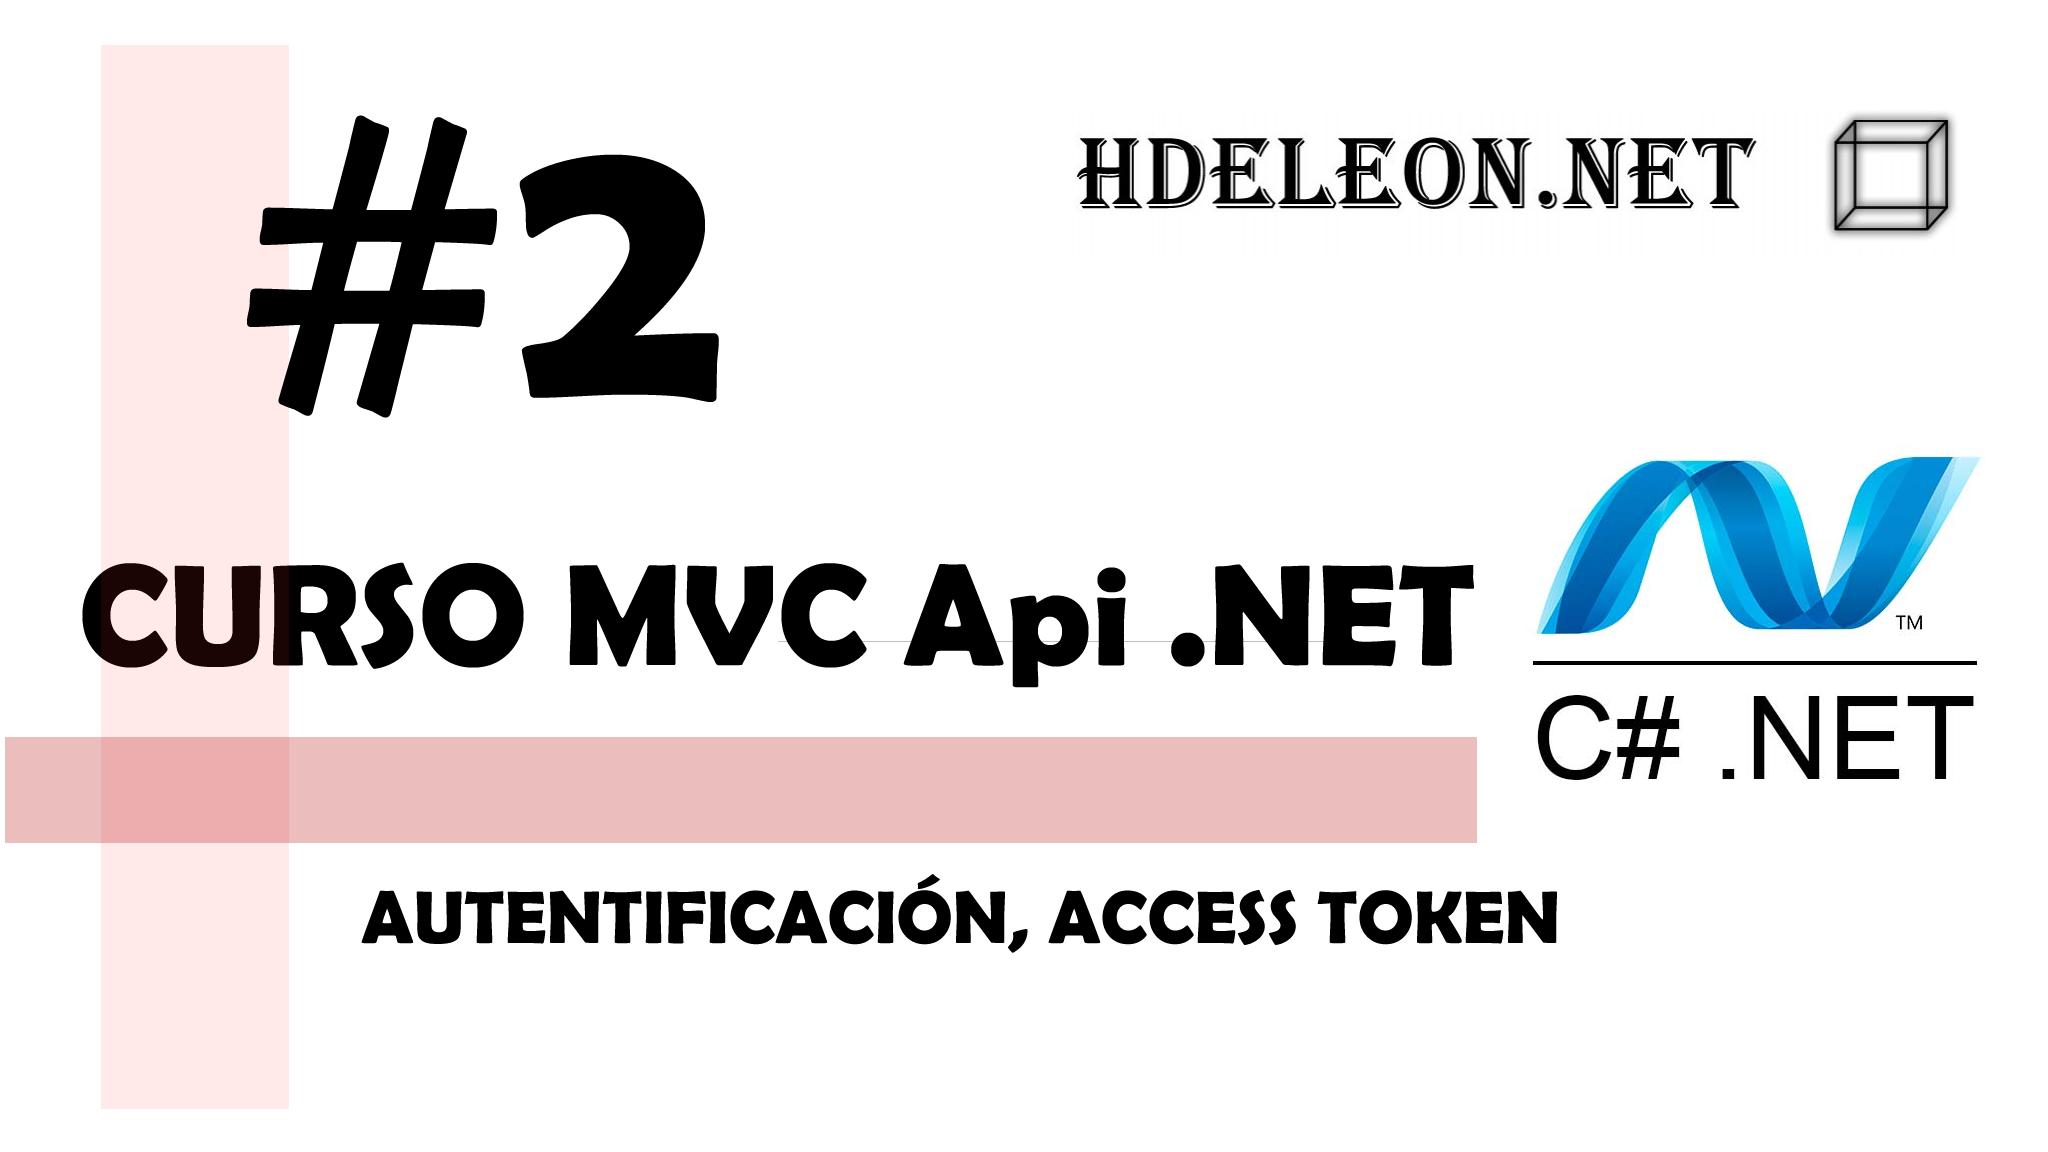 Curso de MVC API .Net C#, Autentificación, Access token, #2